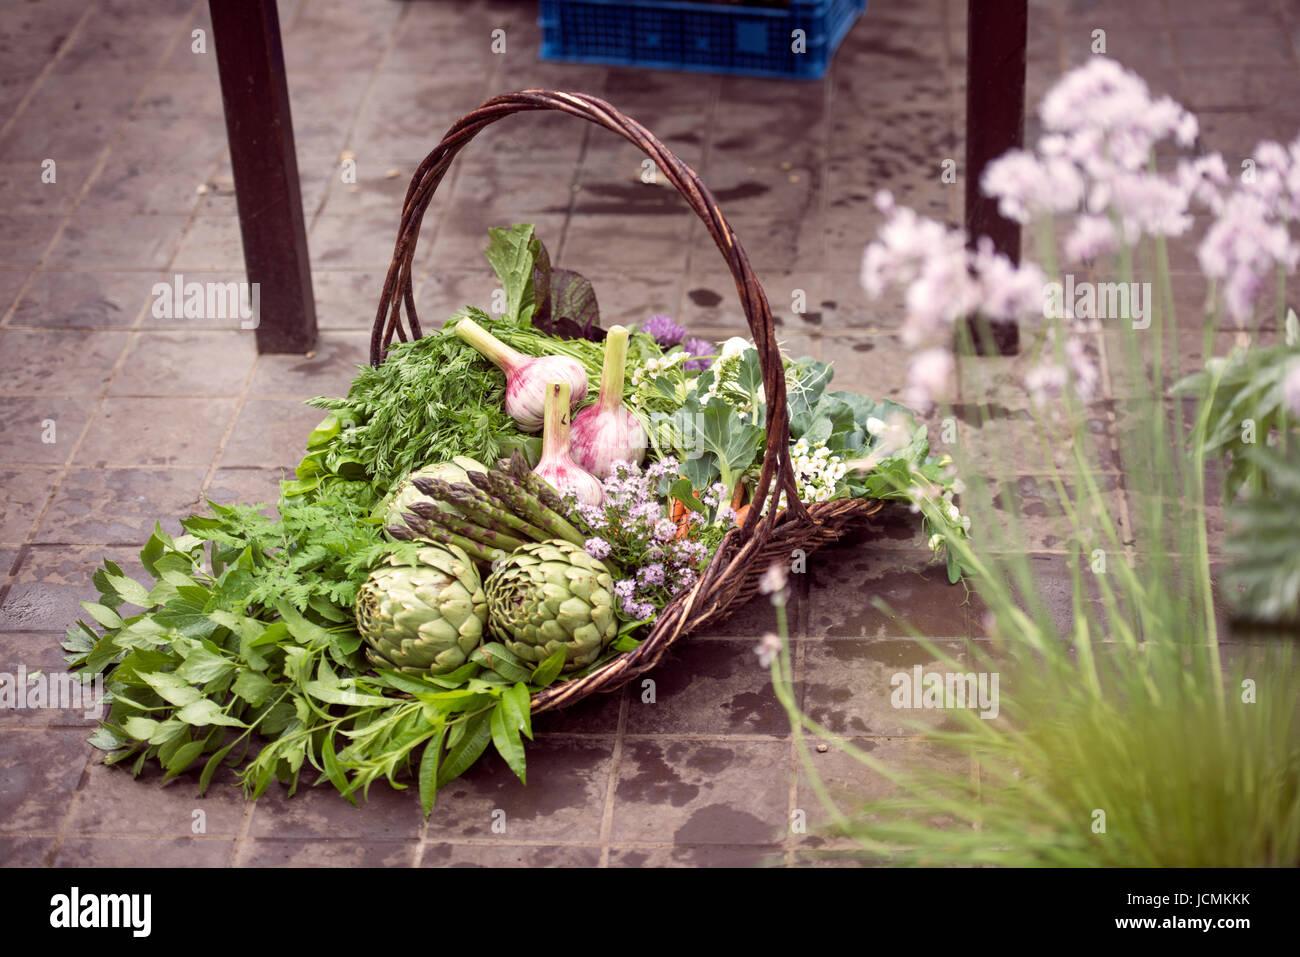 Panier de légumes fraîchement cueillis y compris les artichauts, l'ail et les asperges dans une serre Photo Stock